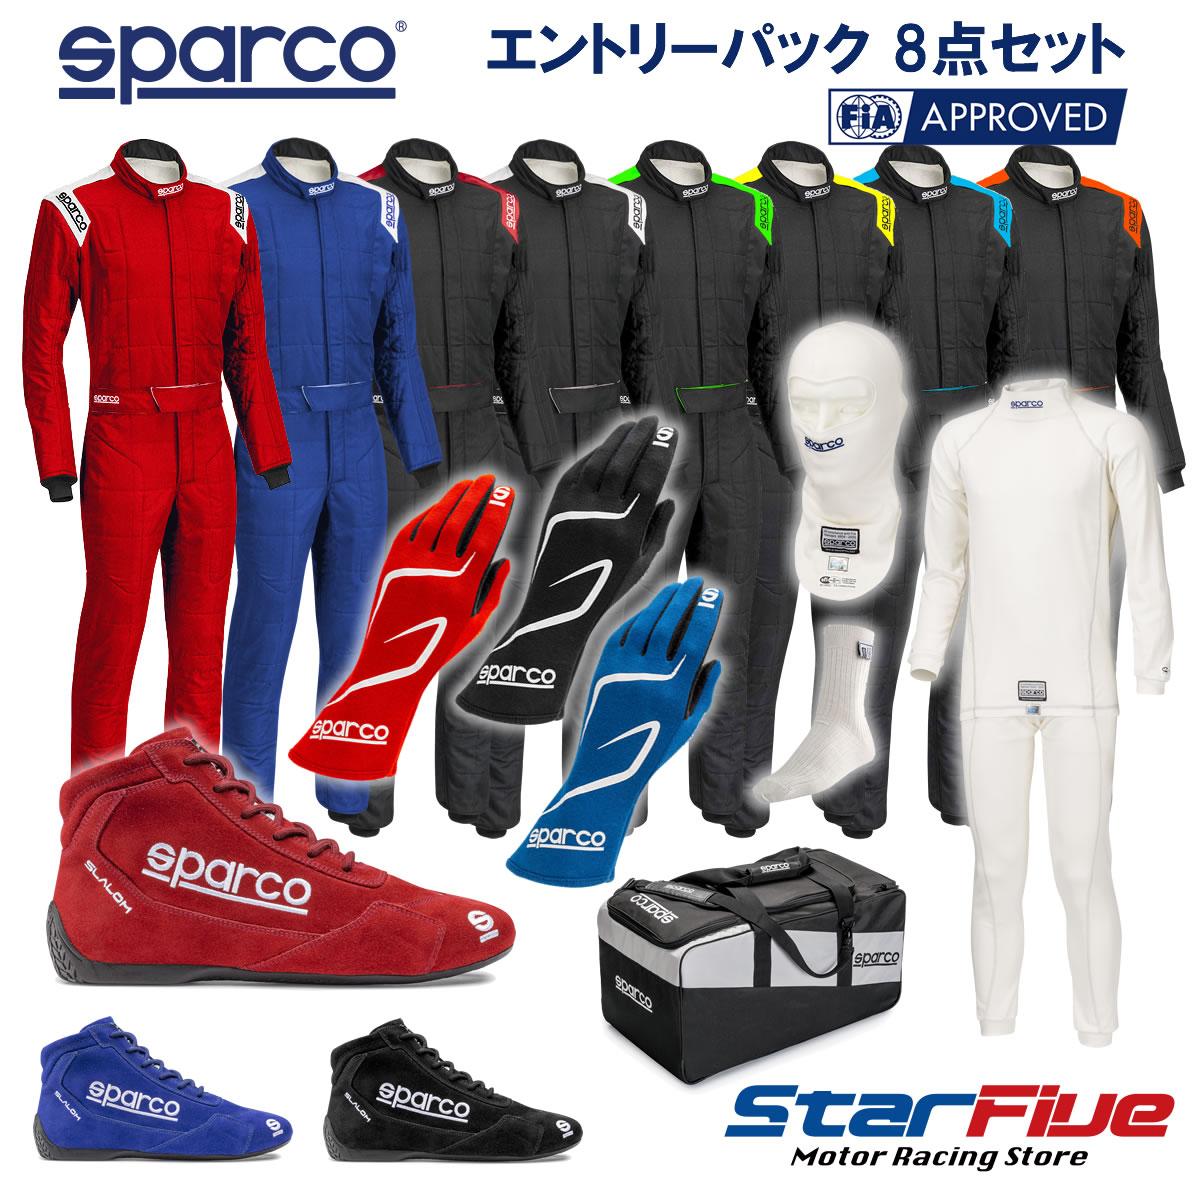 スパルコ エントリーパック 8点セット 2019 FIA 8856-2000規格公認 SPARCO